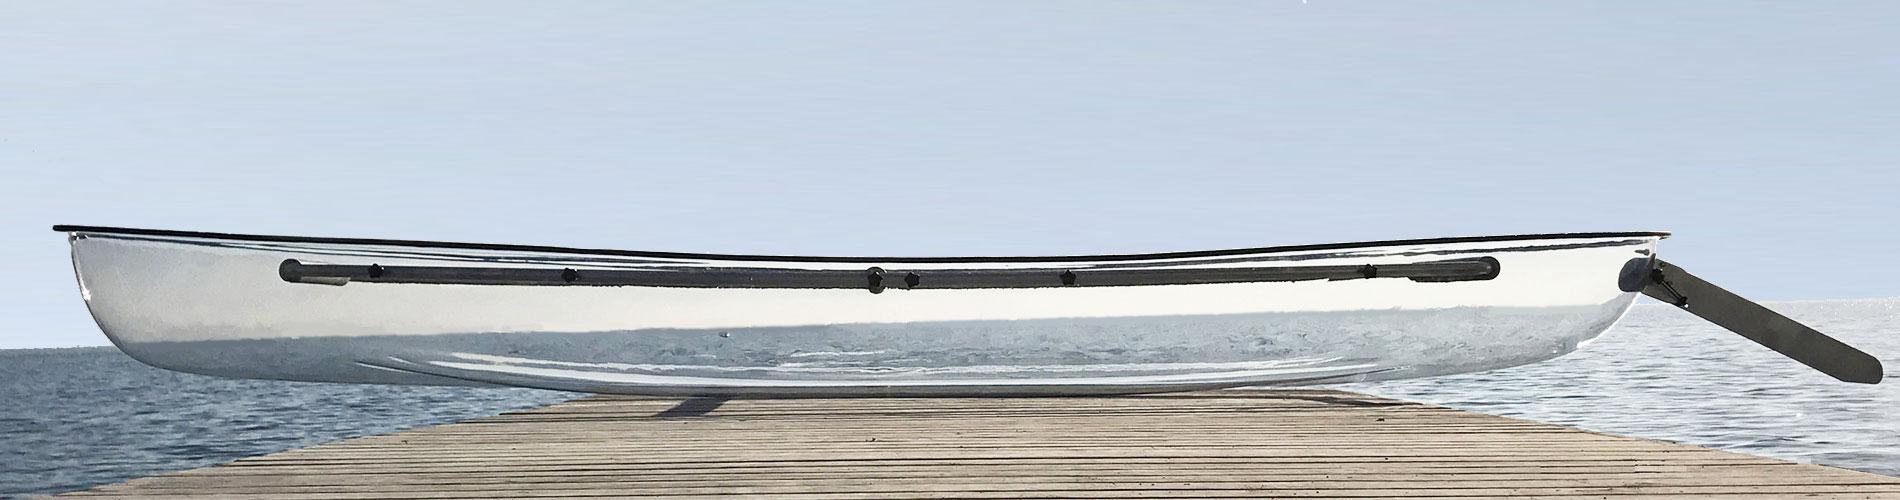 Kayak vue profil